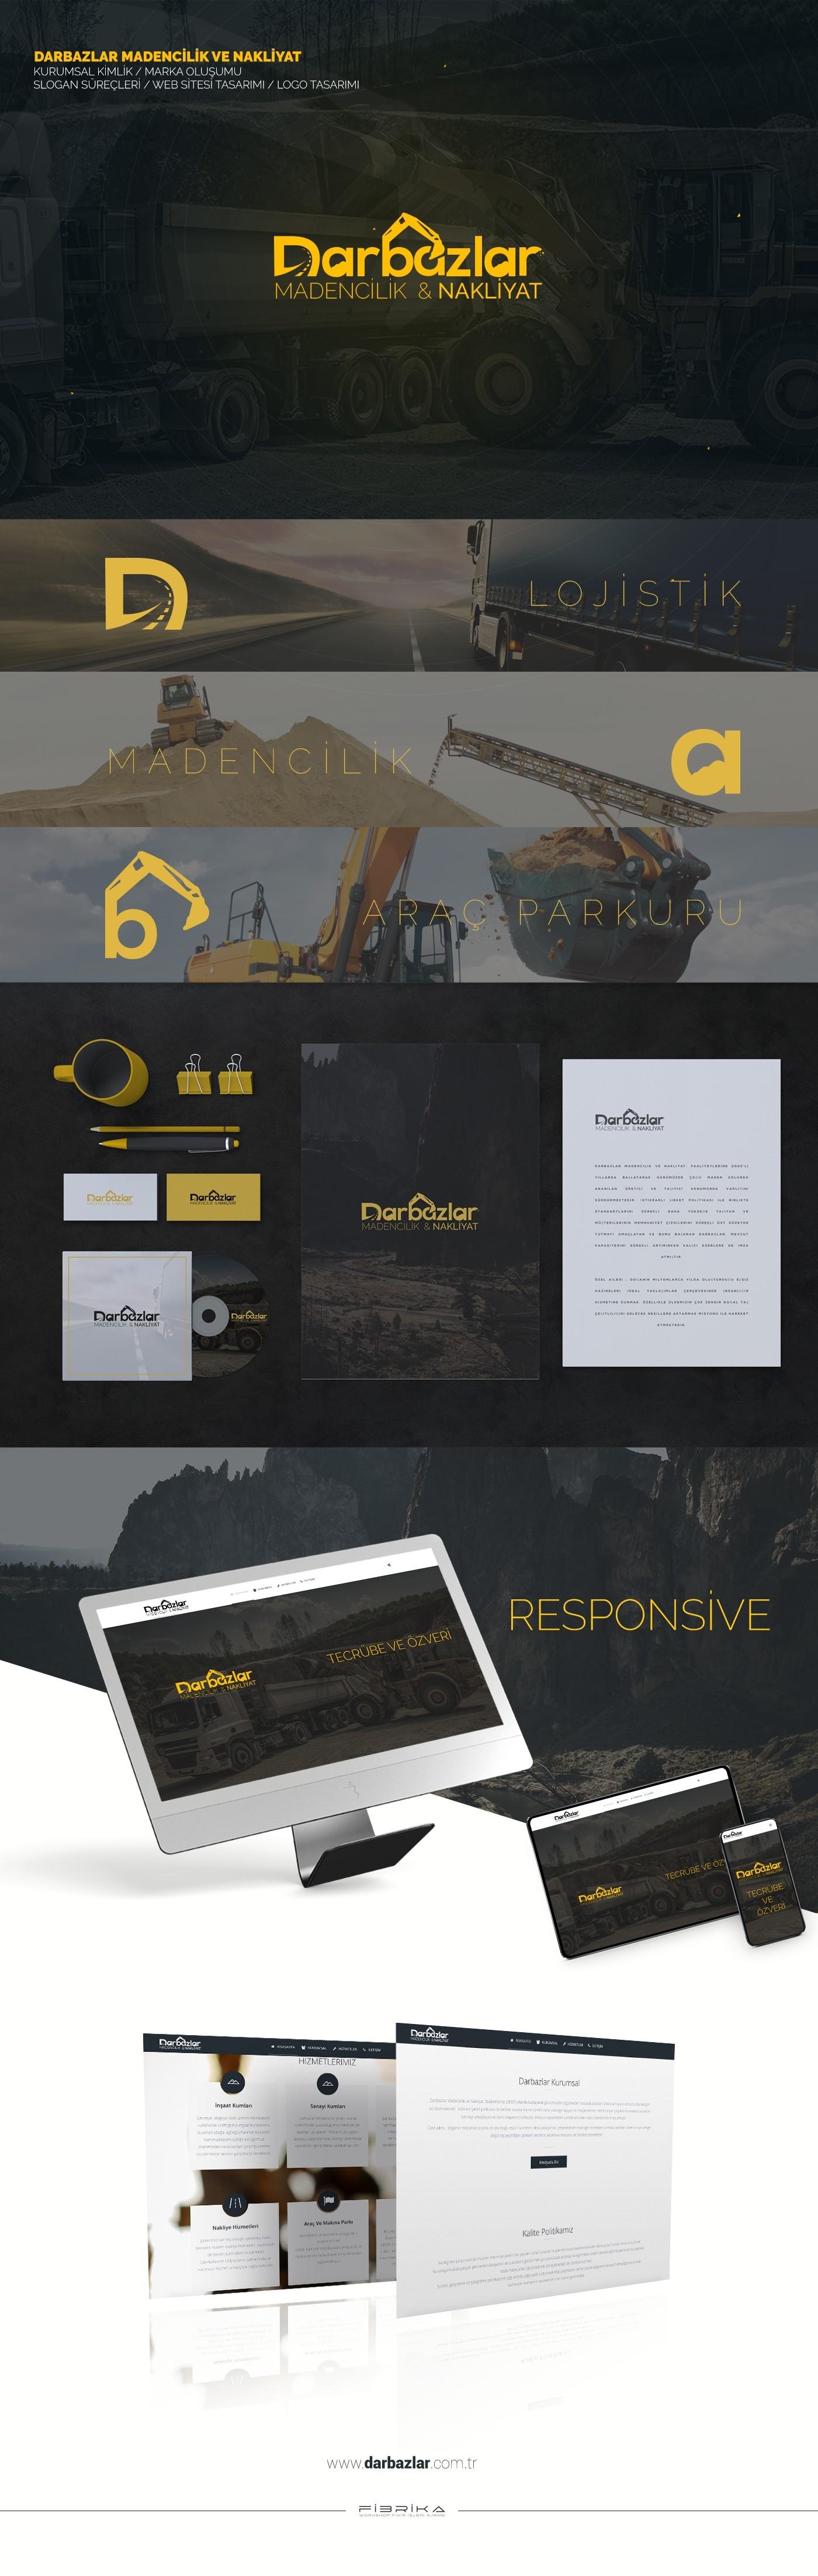 Web sitesi ve marka oluşumu